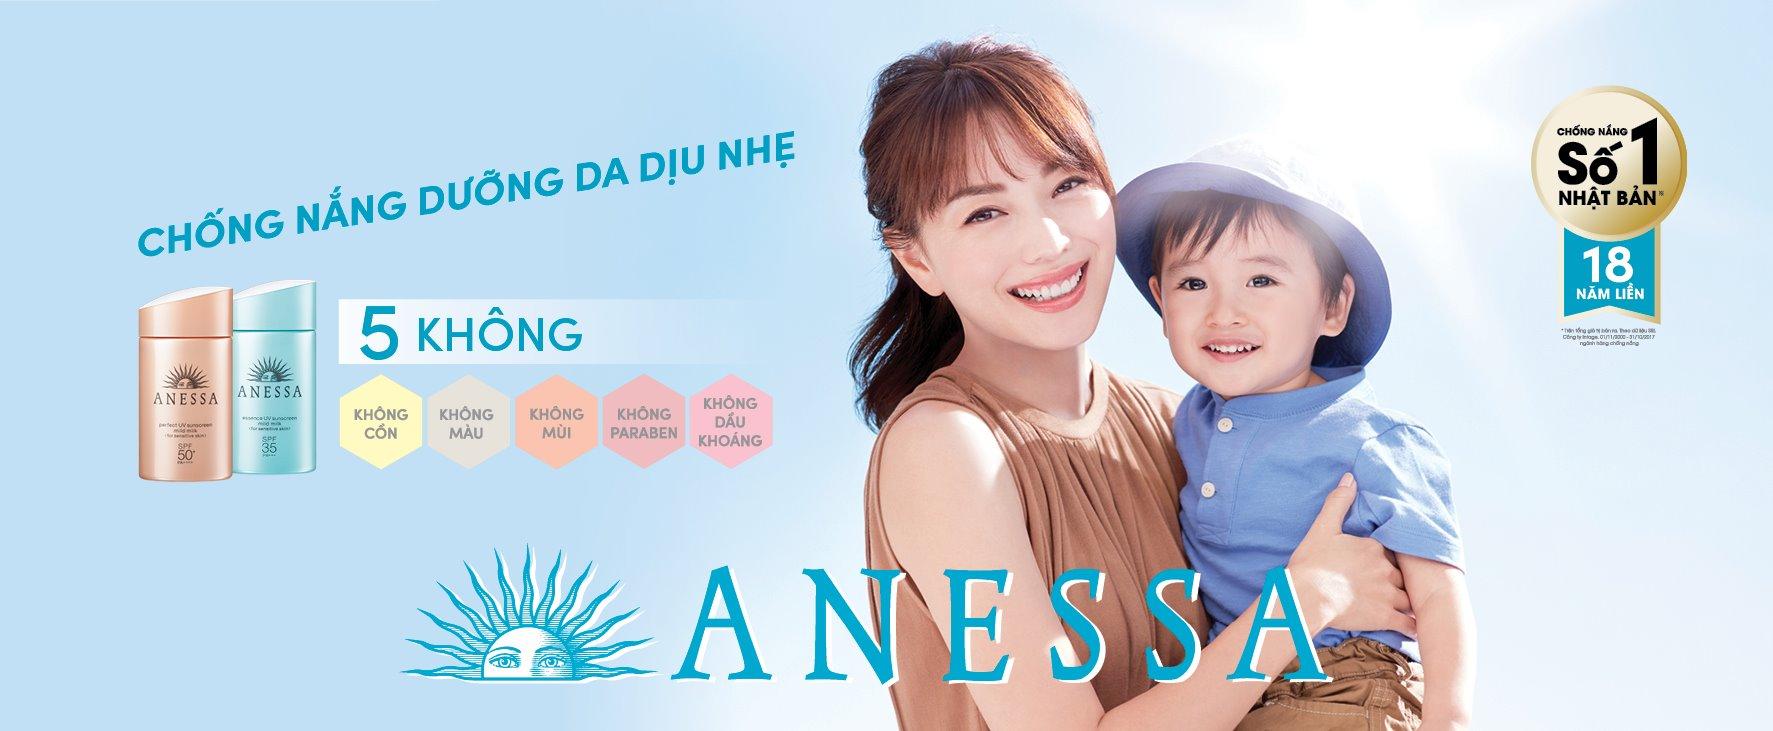 Sữa Chống Nắng Dành Cho Da Nhạy Cảm & Trẻ Em Anessa Essence UV Sunscreen Mild Milk SPF35/PA+++